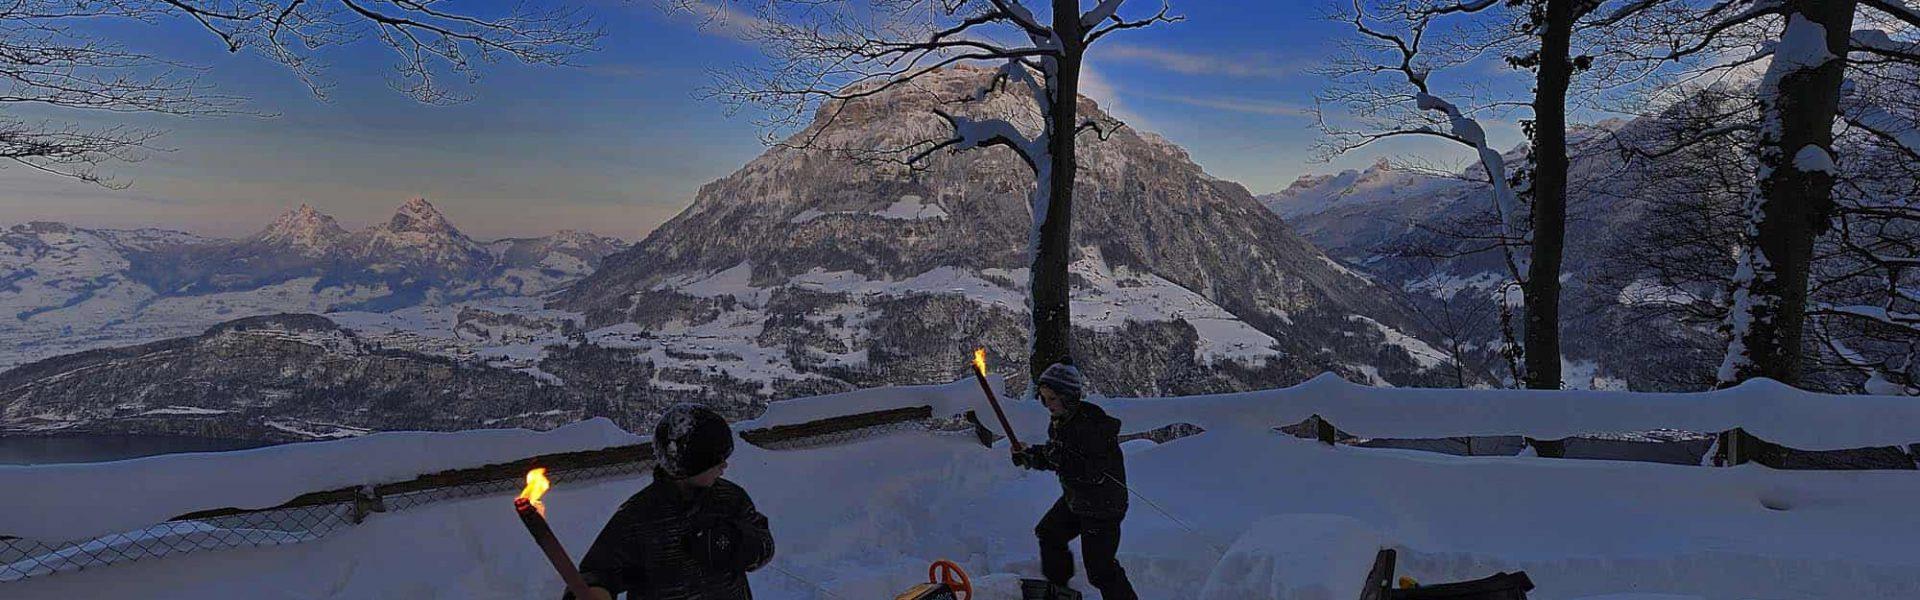 seelisberg-winter-passepartout-1920x600